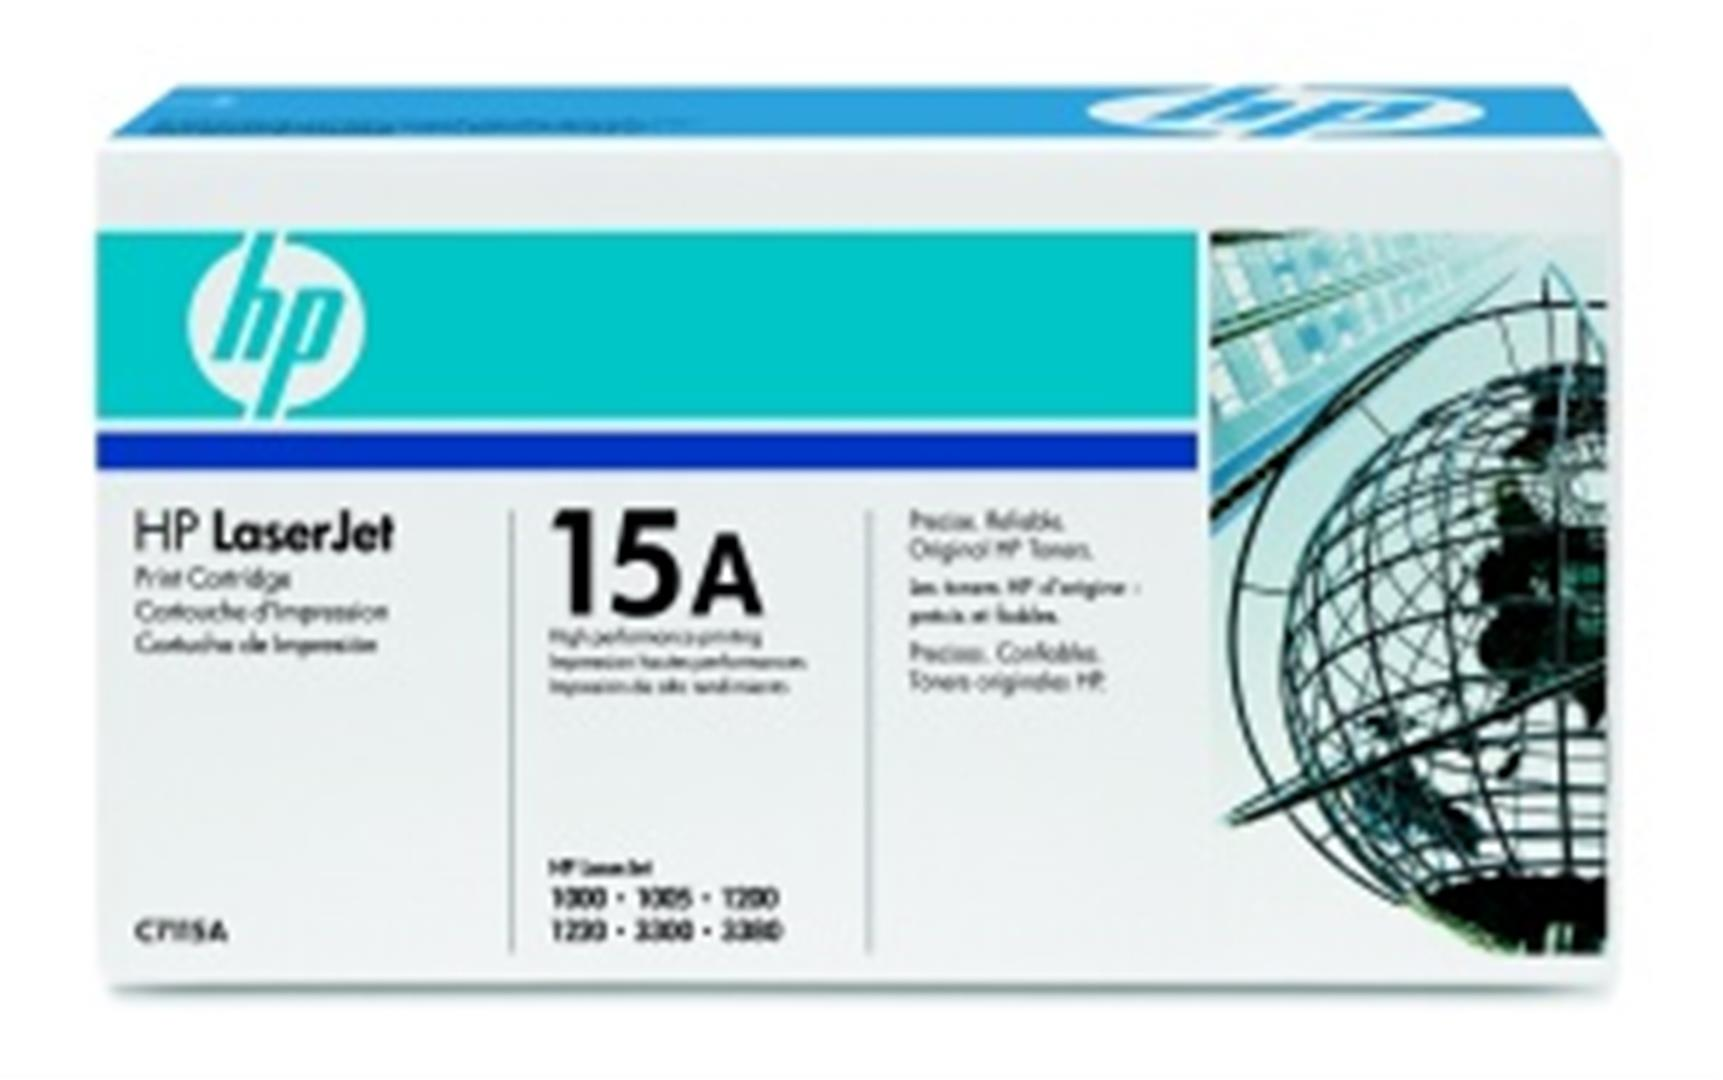 HEWLETT PACKARD C7115A Toner pro LaserJet 1200,1220 ,1000w,33x0MFP / 2500st